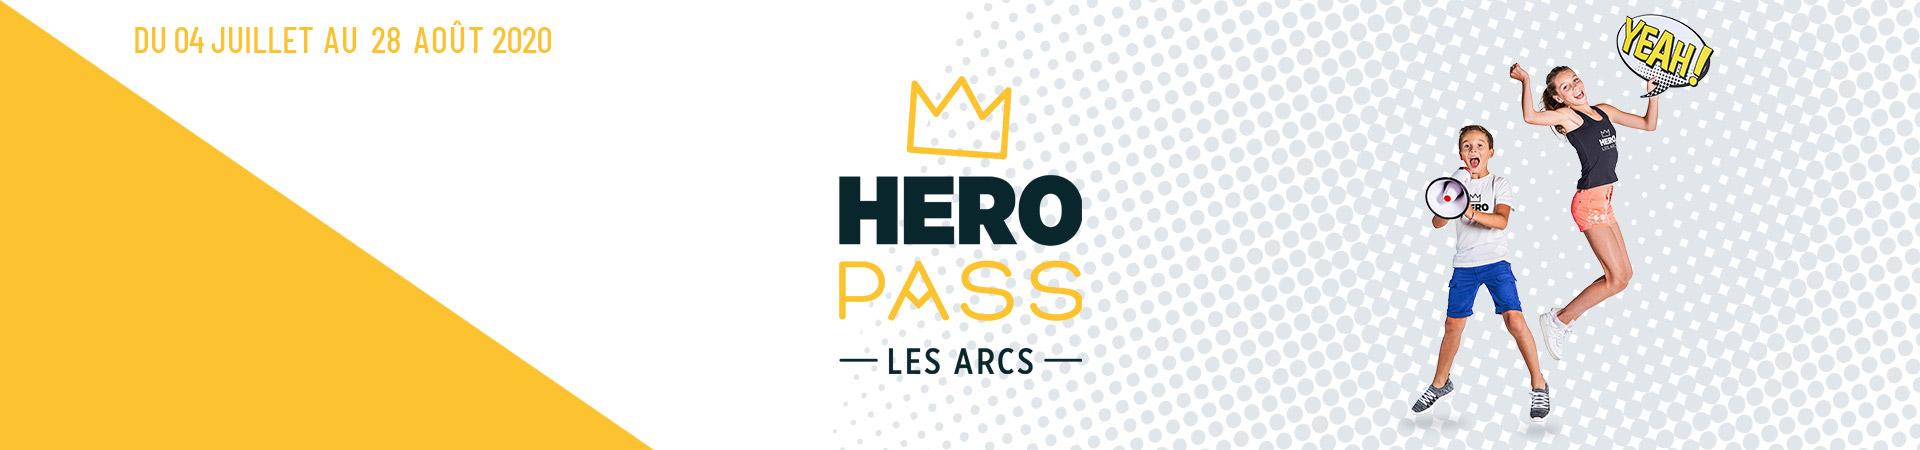 hero-pass_2020.jpg